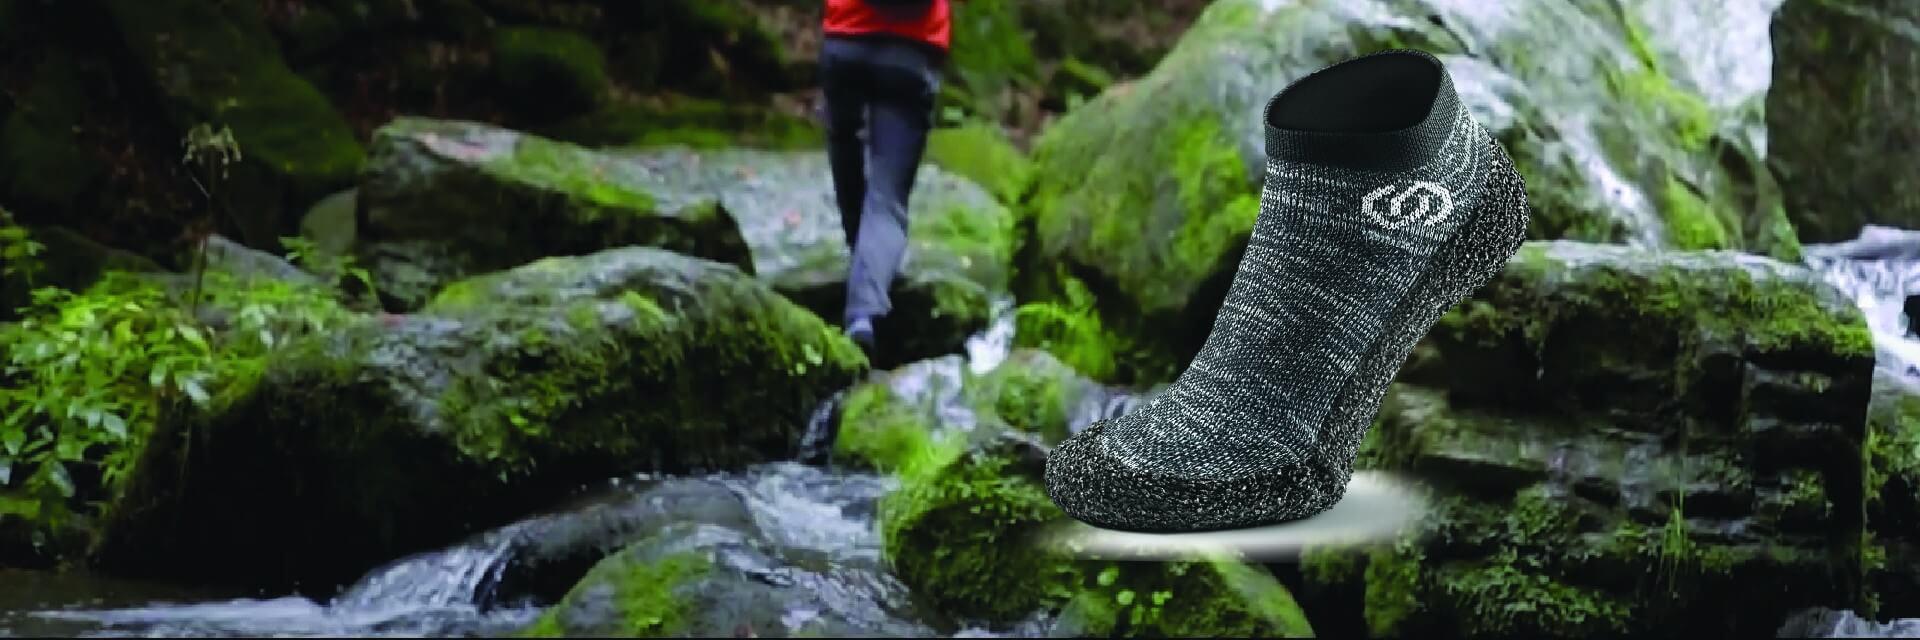 Skinners barefoot meias como sapatilhas